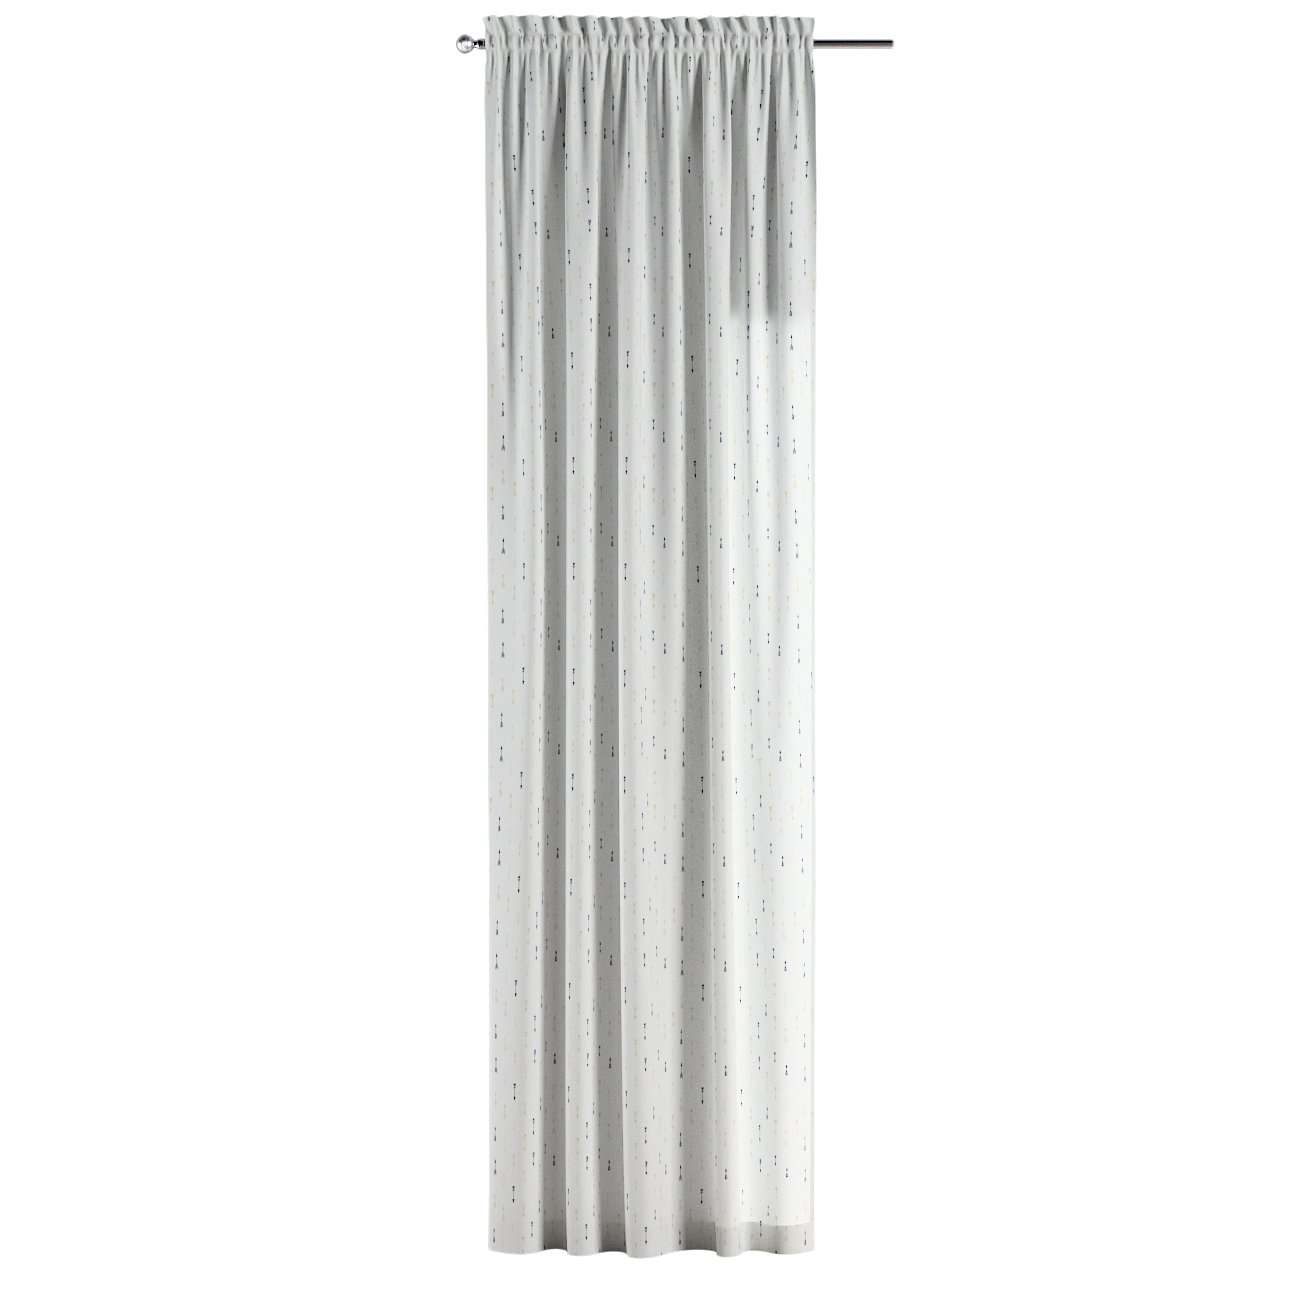 Gardin med kanal - Multiband 1 längd i kollektionen Adventure, Tyg: 141-82